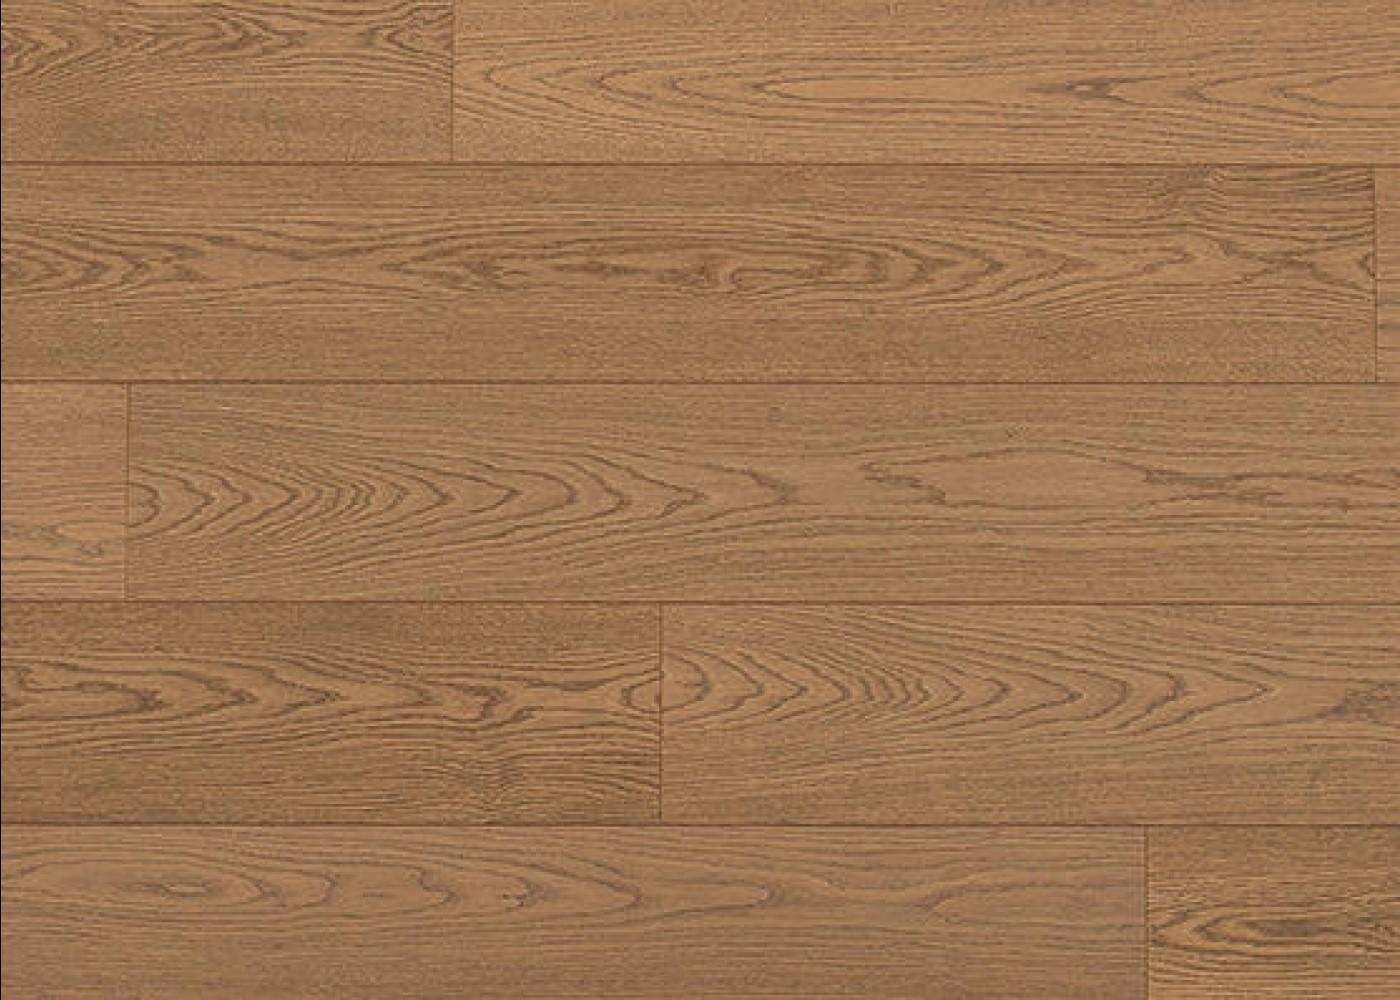 Sol plaqué bois Chêne Carnac brossé vernis extra-mat - Master - Select 10x166x1506